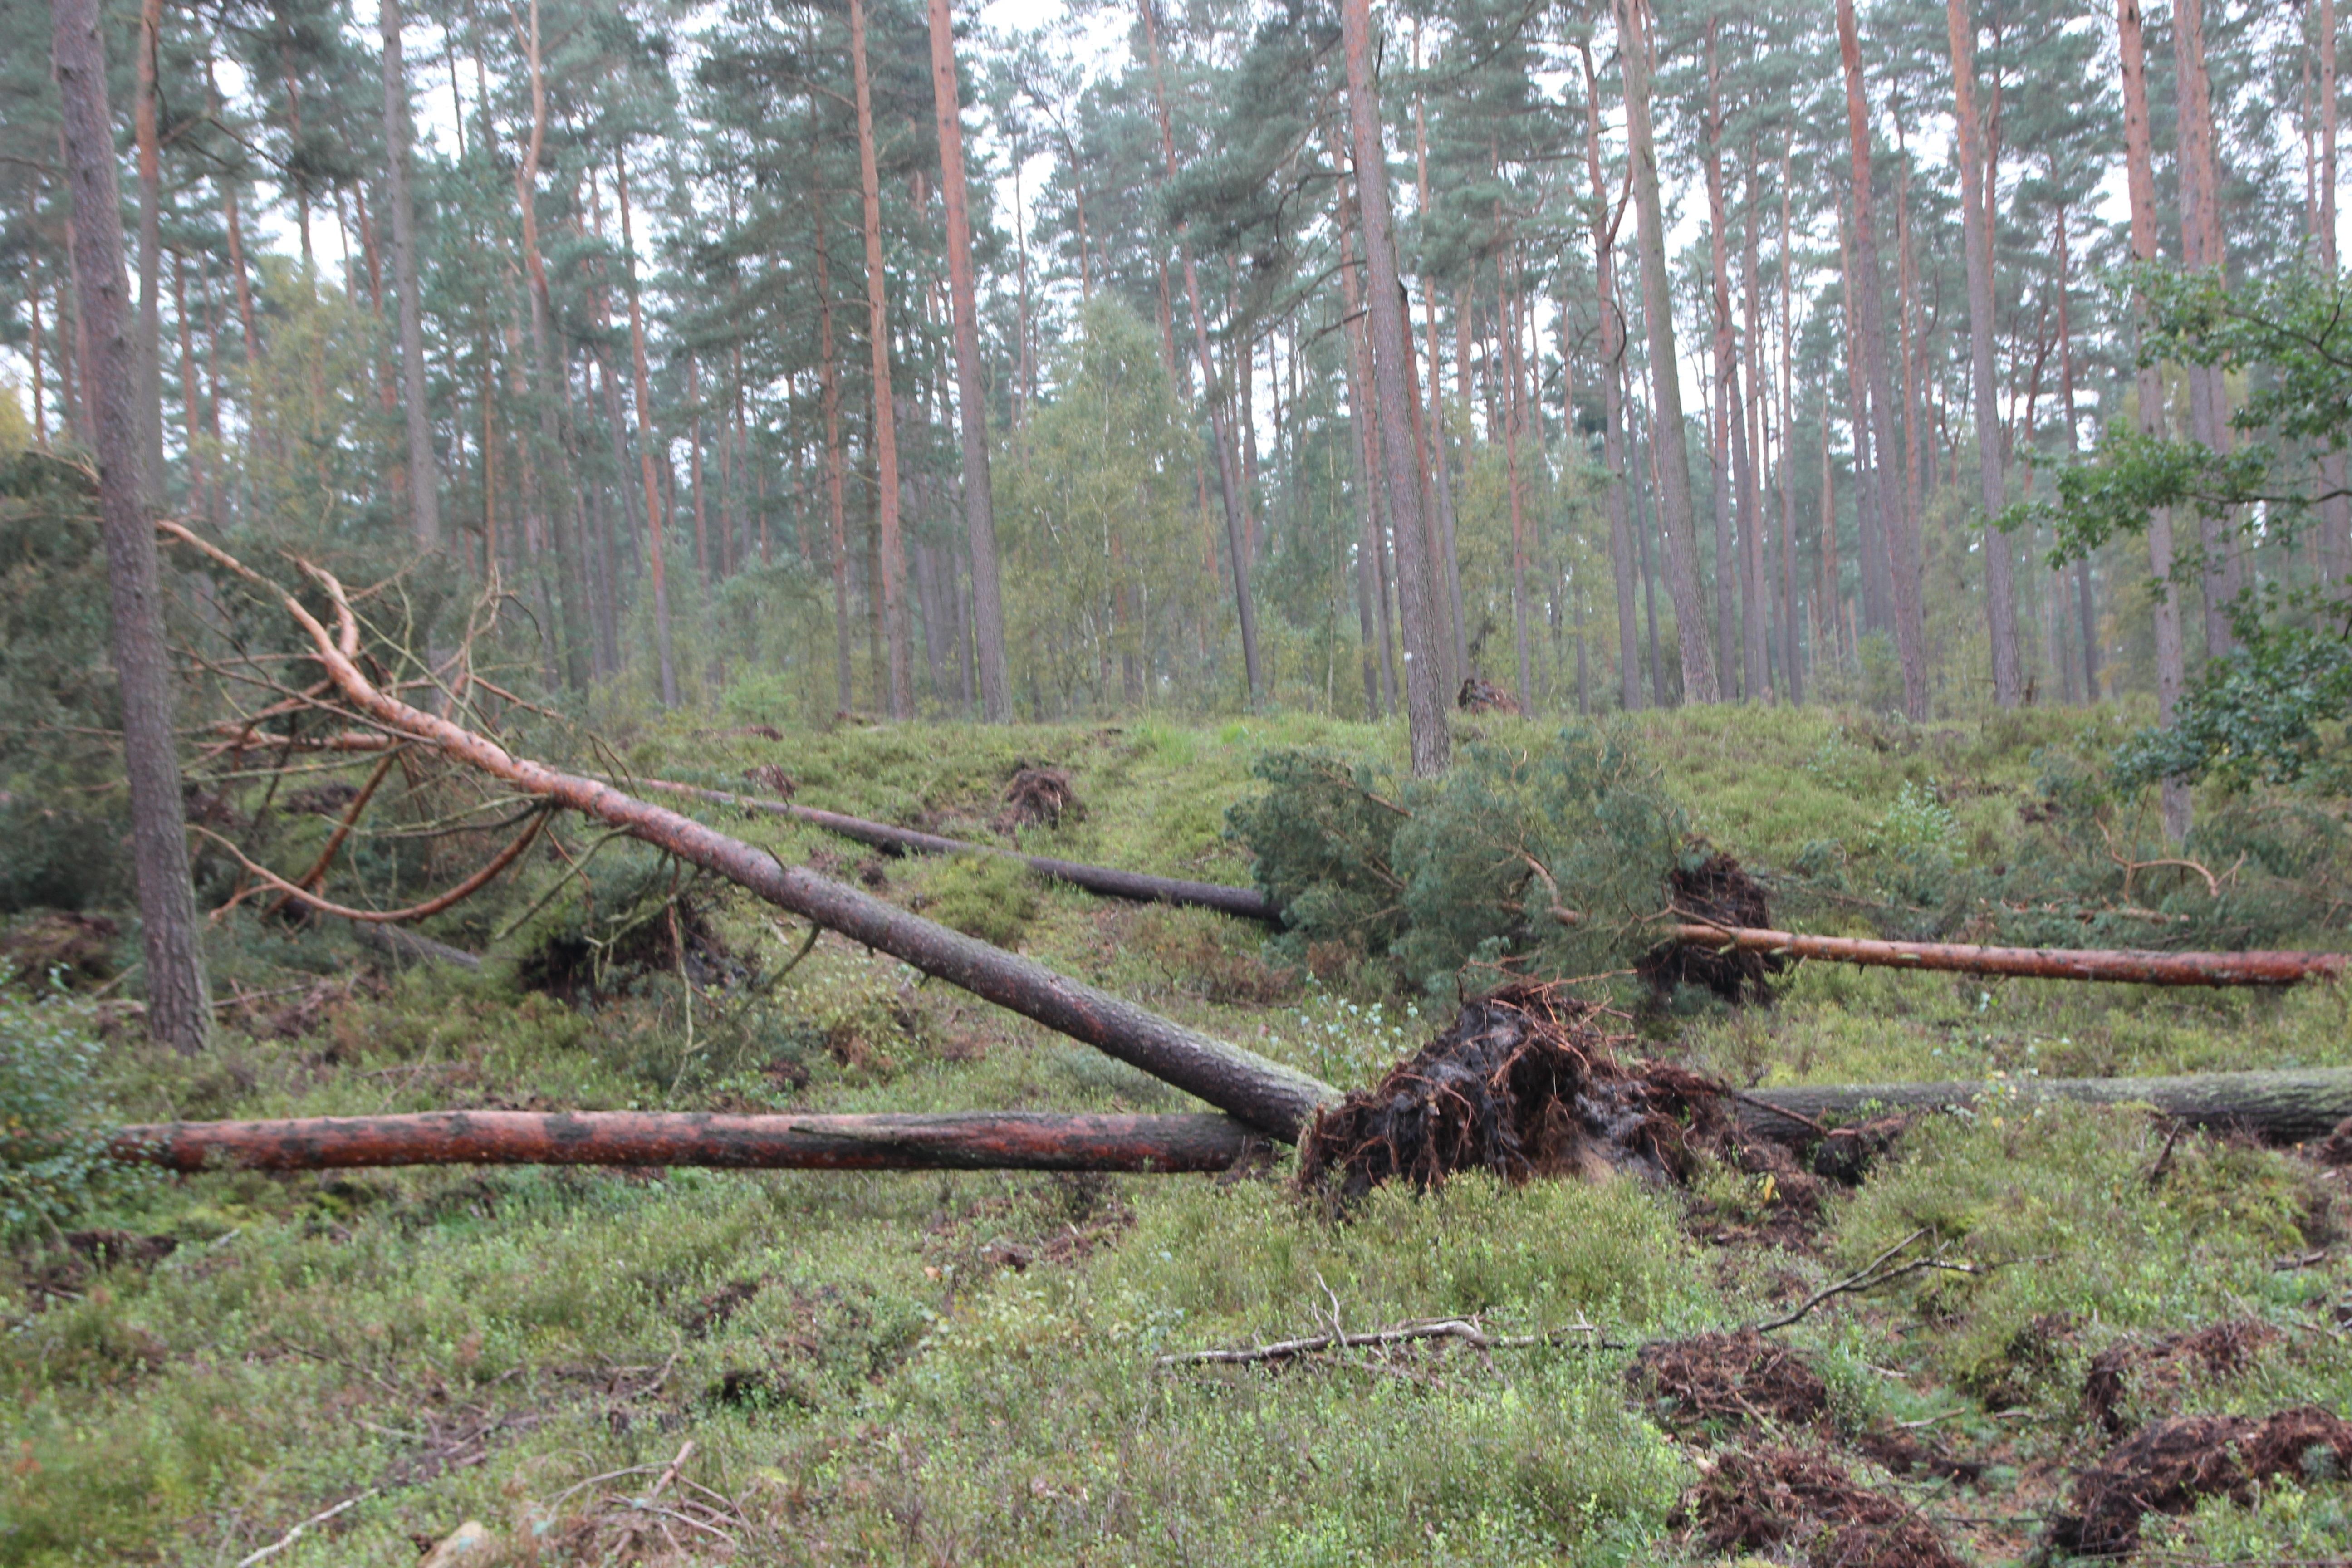 Umstürzende Bäume stellen eine tödliche Gefahr auf und gerade abseits von Wegen dar. (Foto: Niedersächsischen Landesforsten)